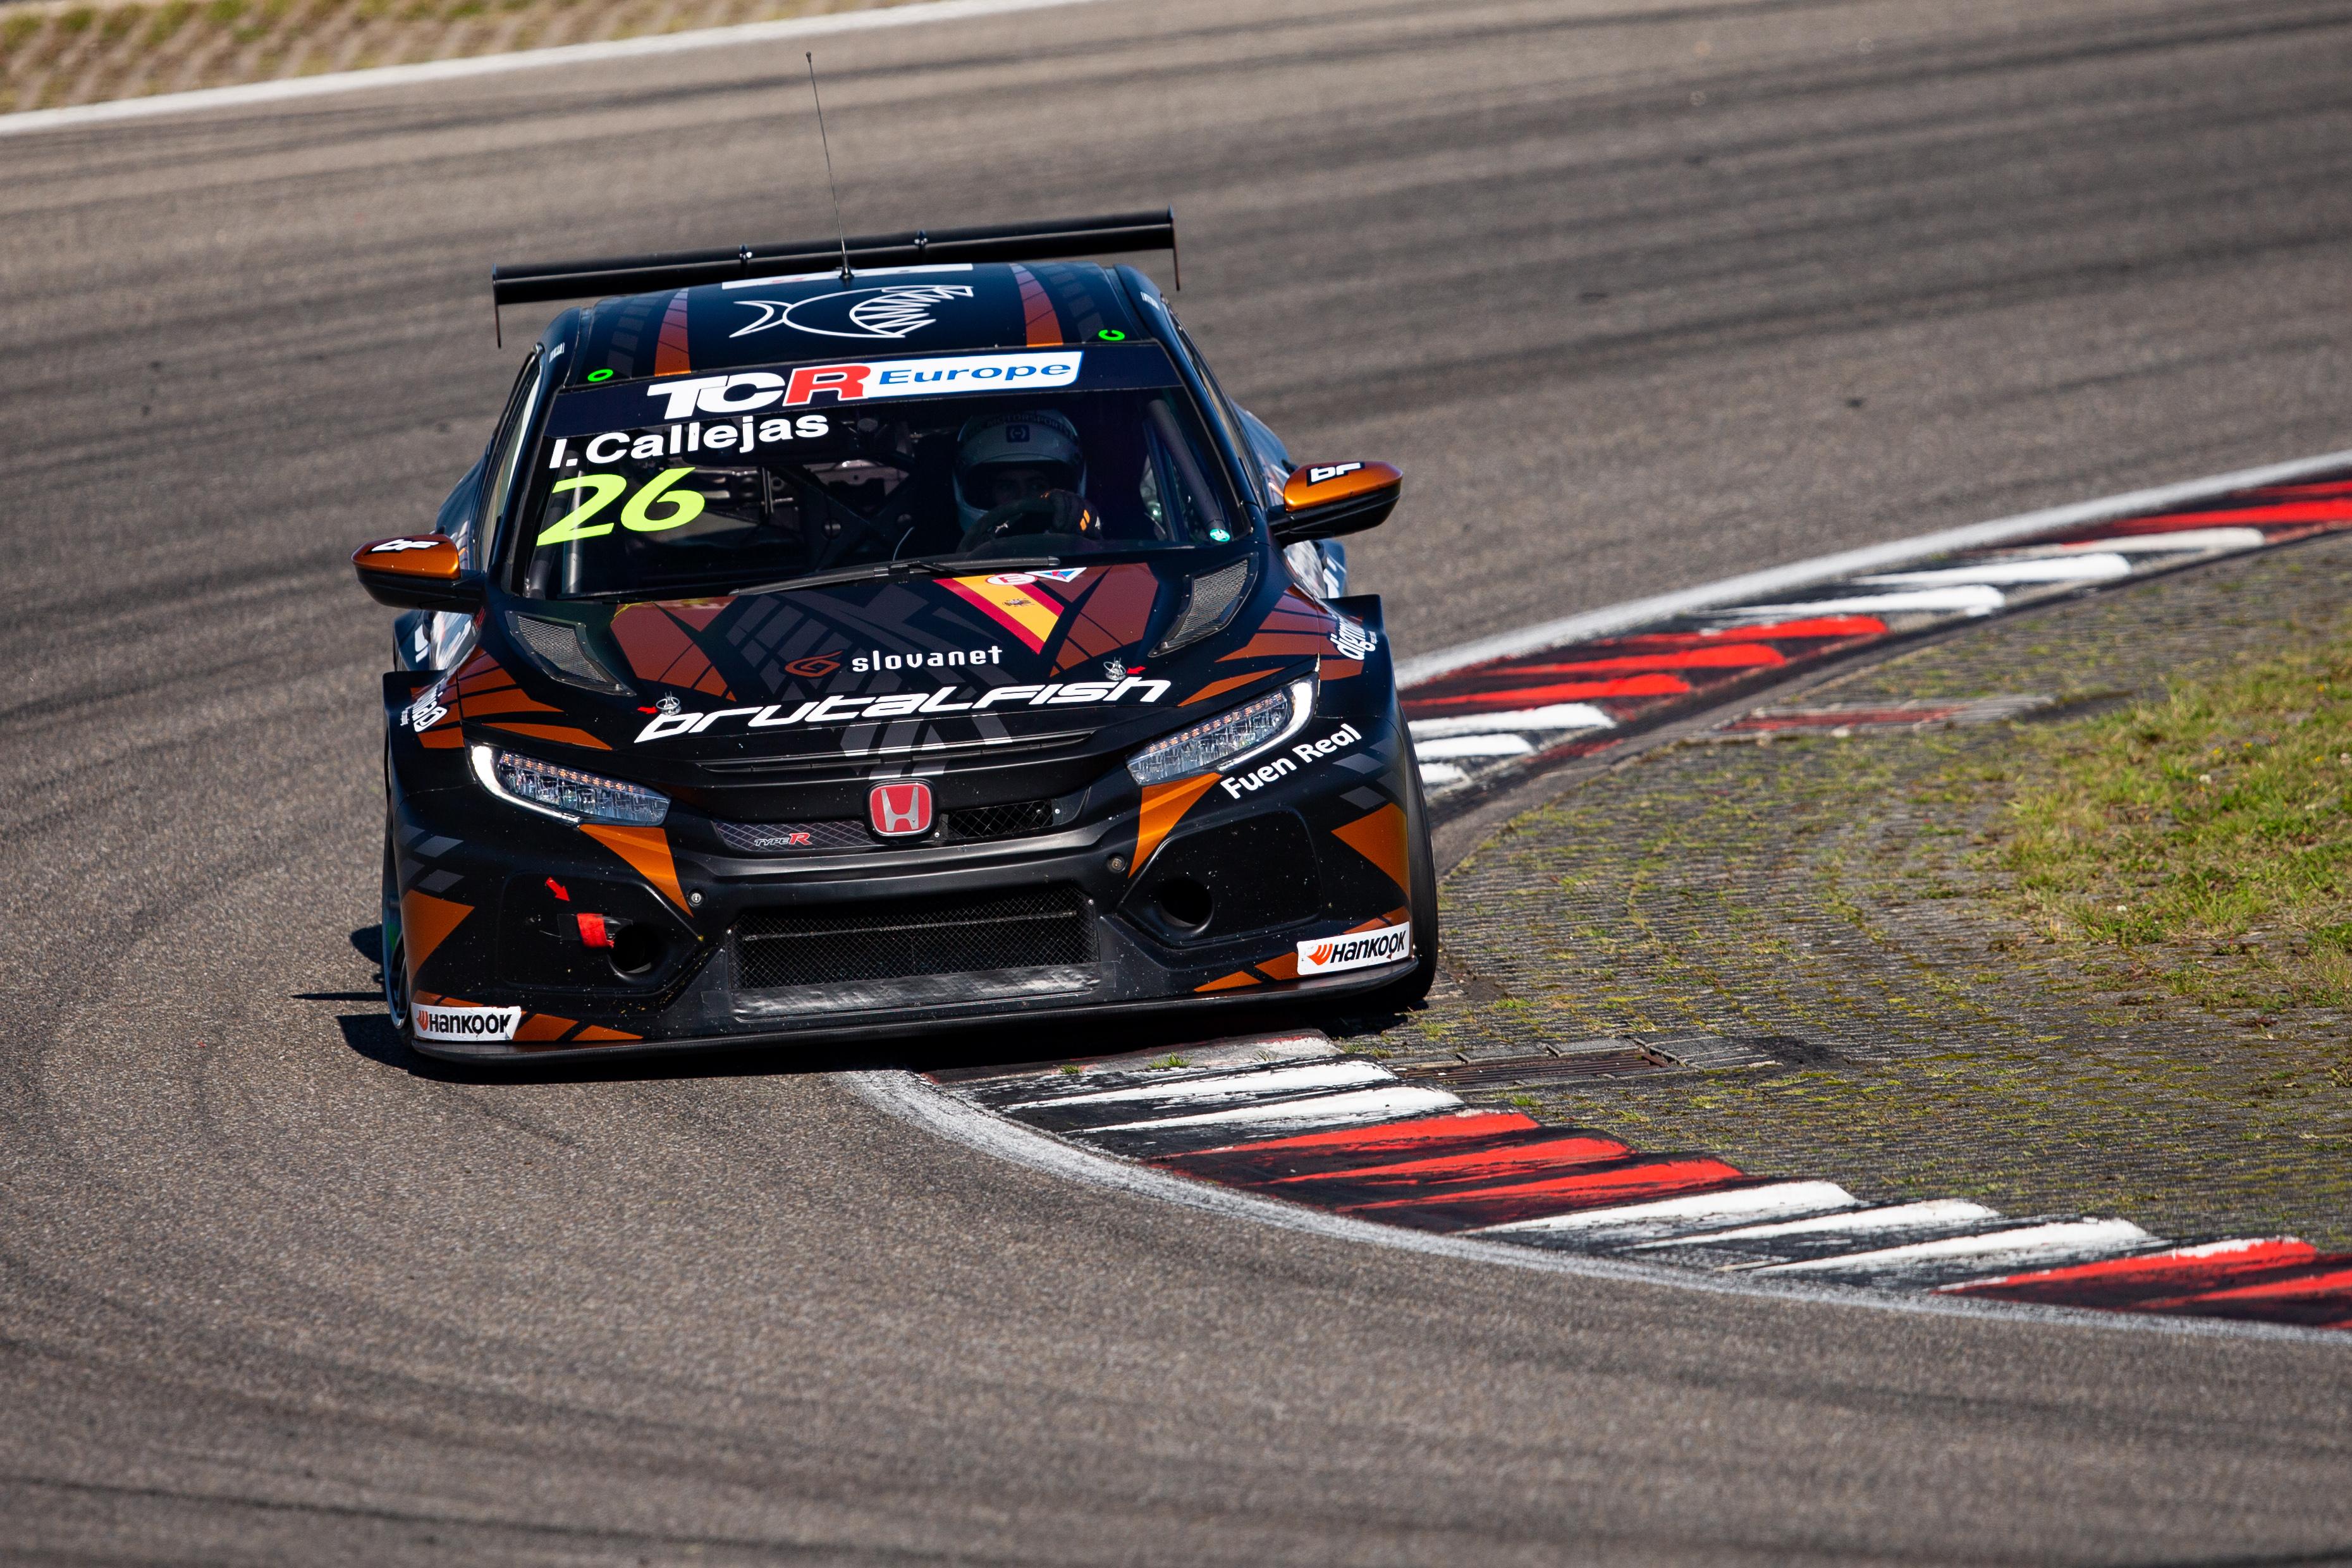 2021 Nürburgring Qualifying